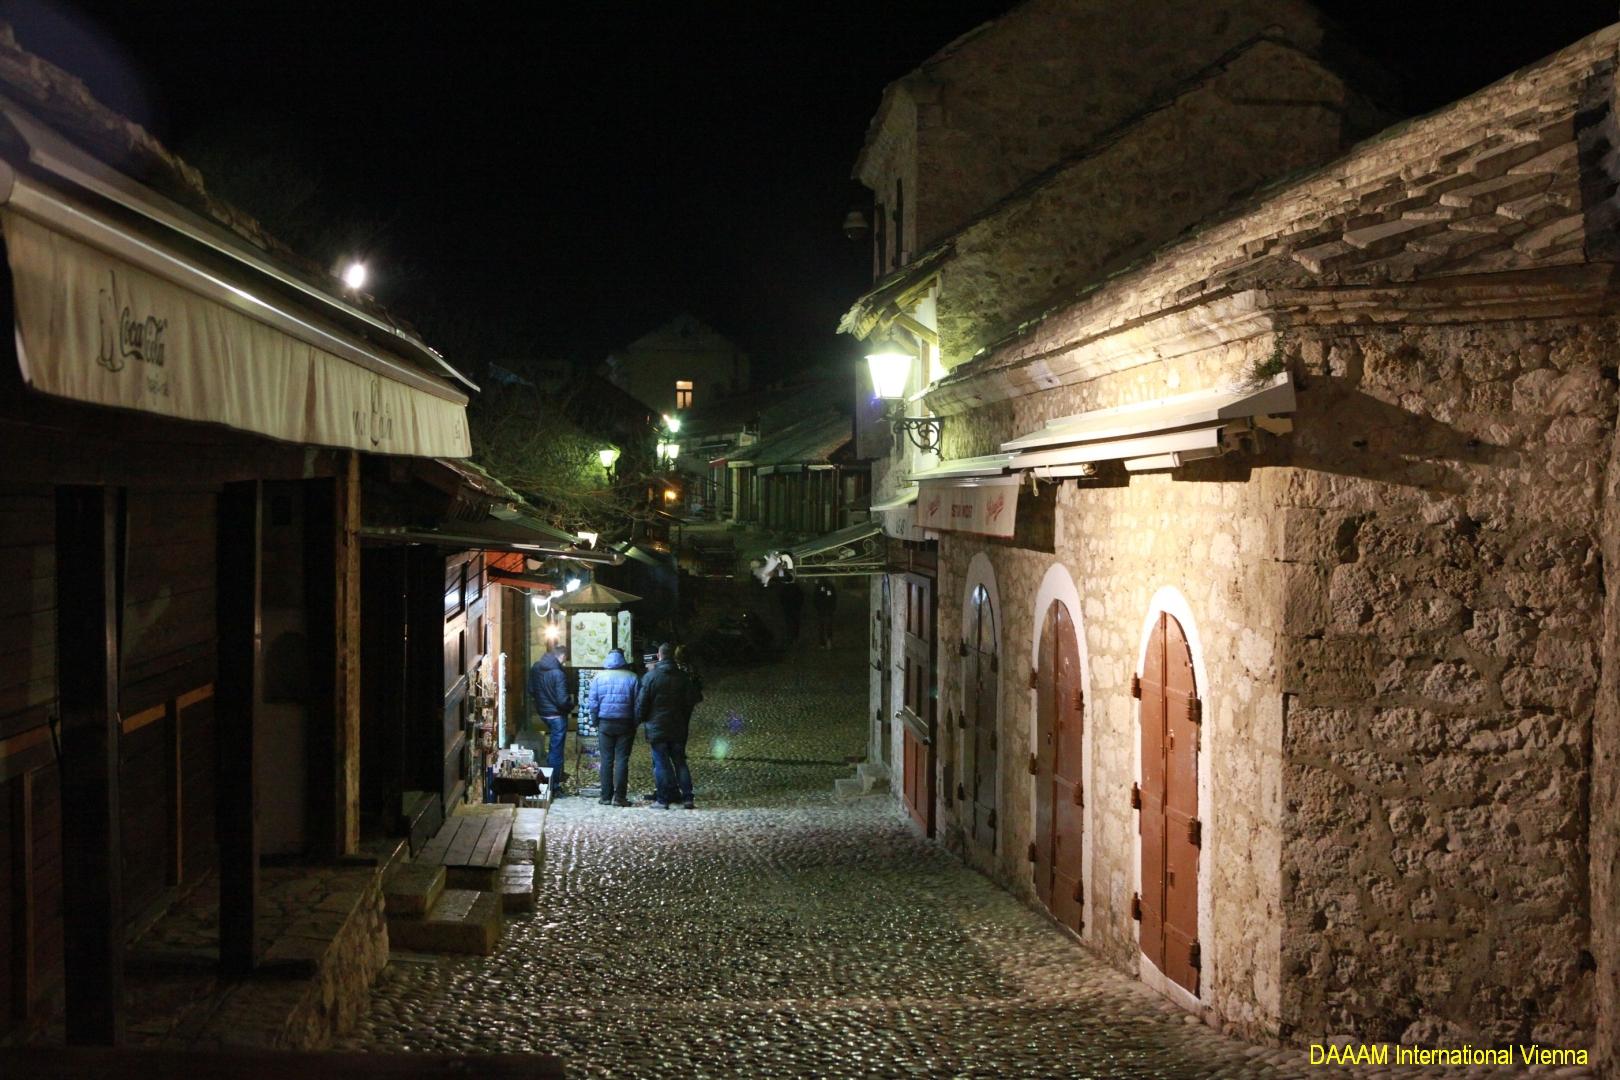 DAAAM_2016_Mostar_01_Magic_City_of_Mostar_204